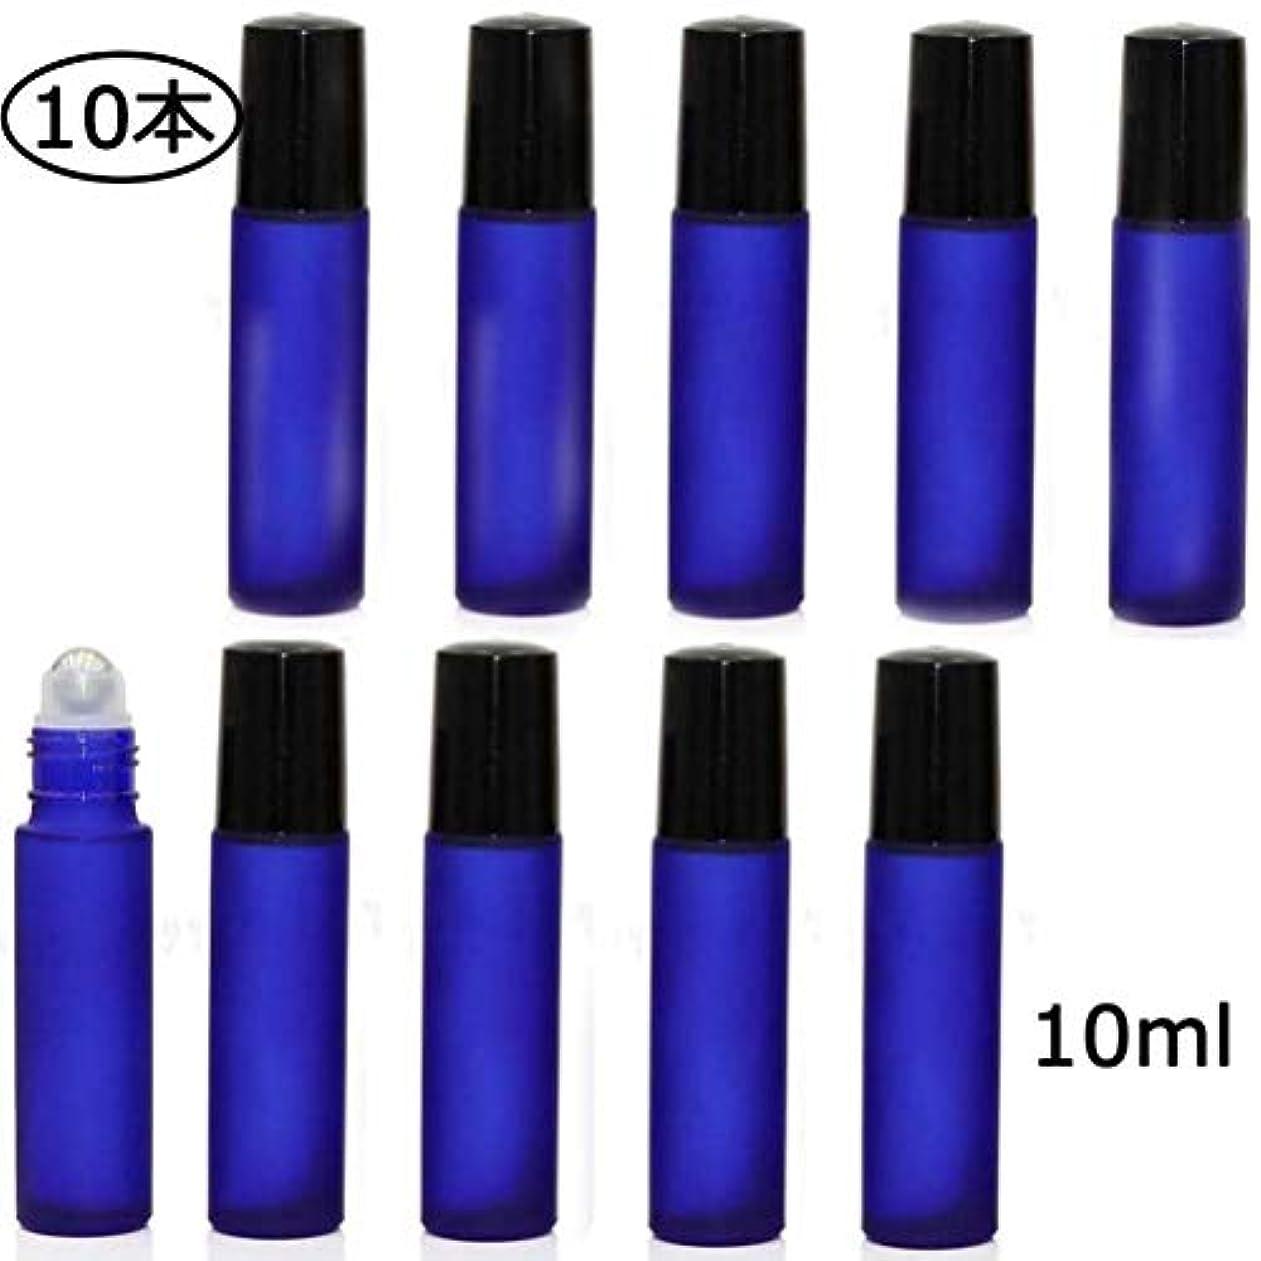 スナップコミュニティ重量Flymylion ロールオンボトル アロマオイル 精油 小分け用 遮光瓶 10ml 10本セット ガラスロールタイプ (ブルー)